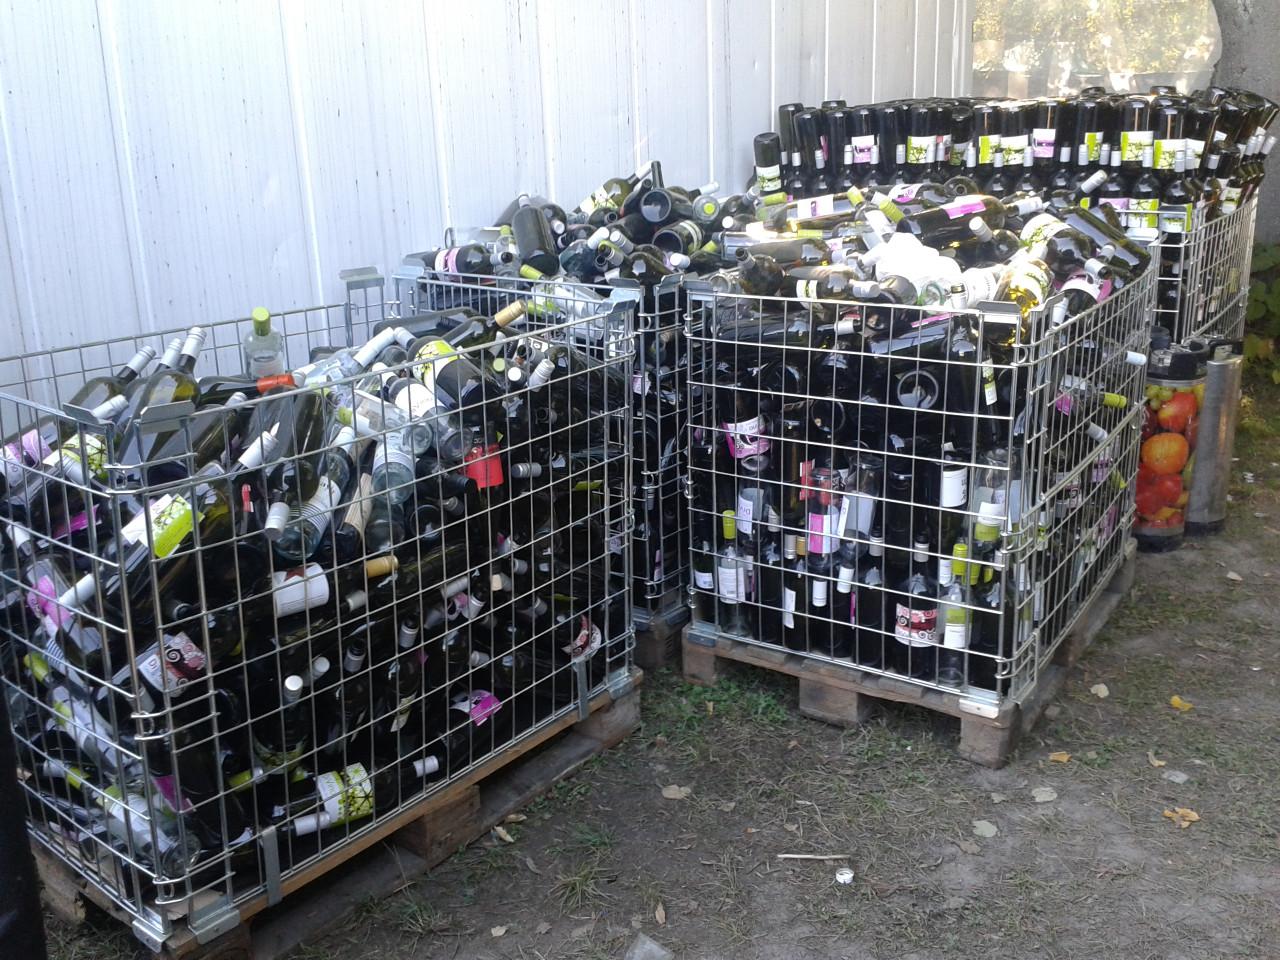 Elszállításra váró, üres borosüvegek, a Sziget utolsó napján, a nagyszínpad melletti egyik helyszínen